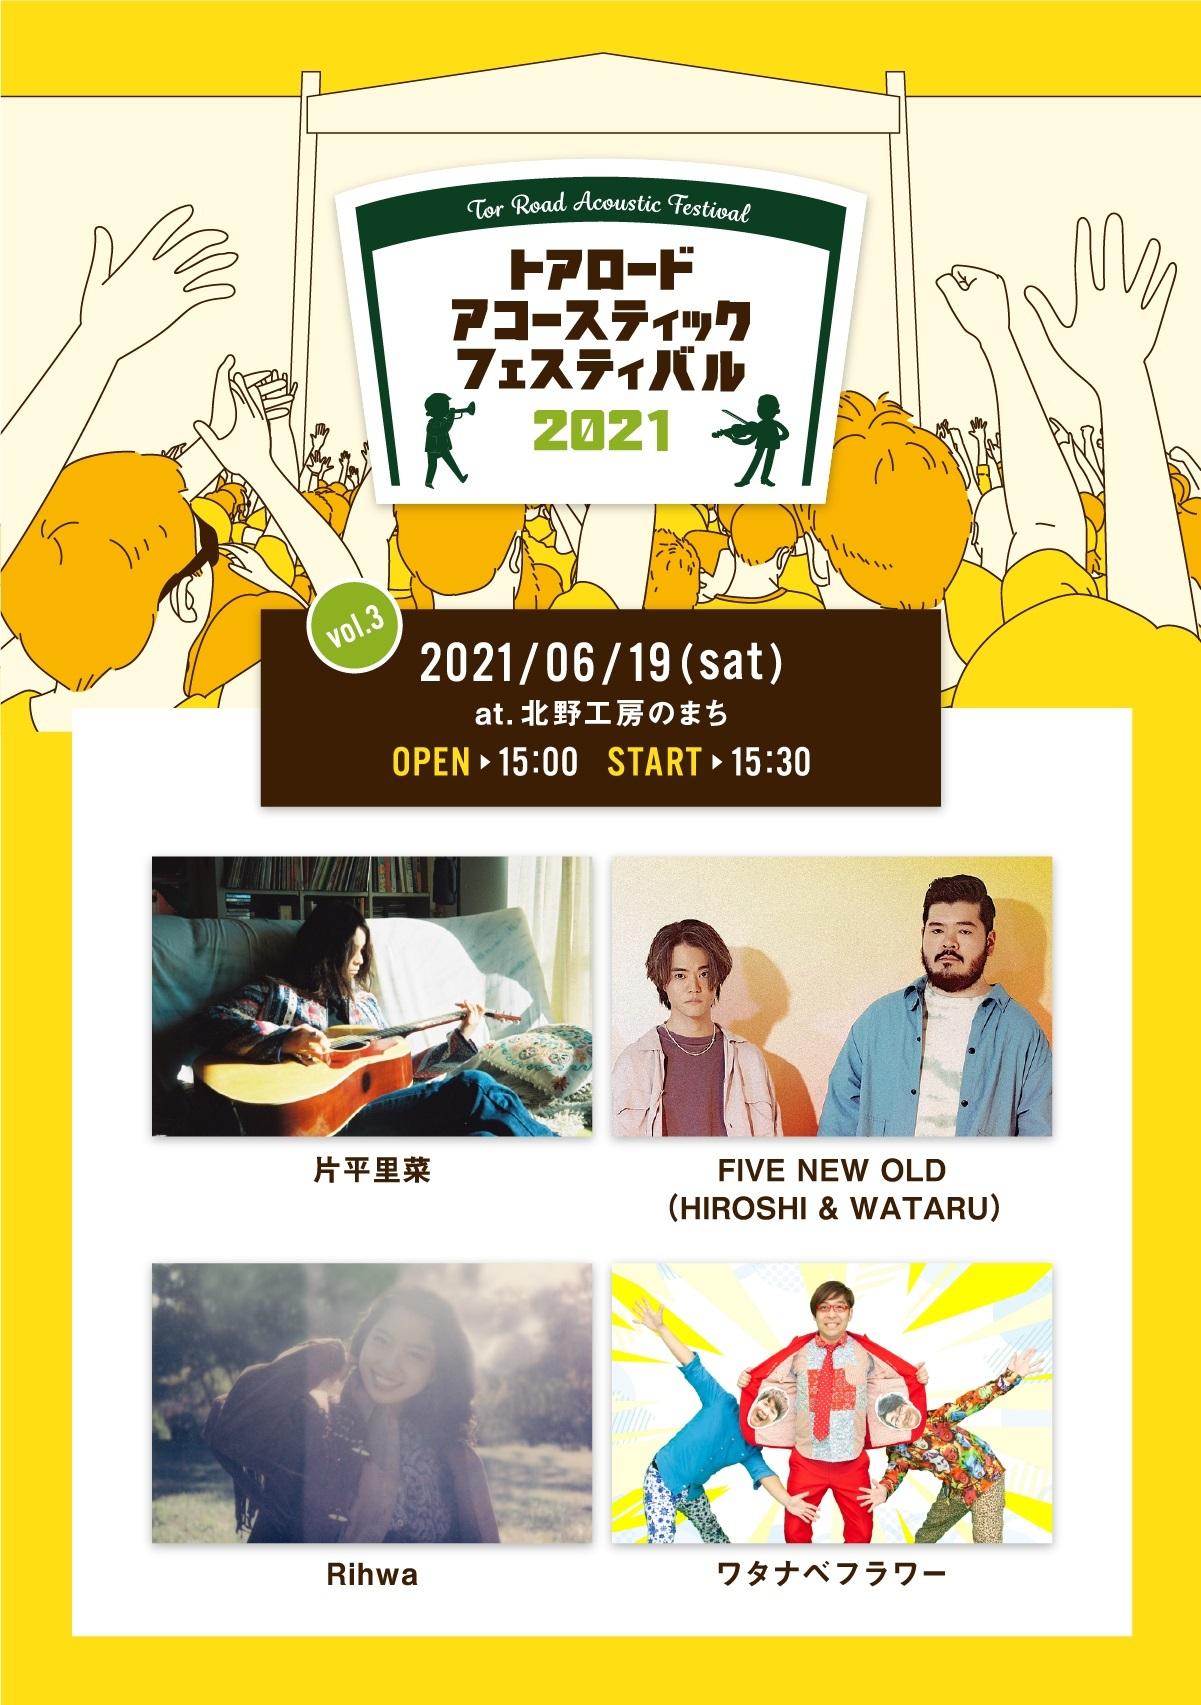 トアロード・アコースティック・フェスティバル 2021 vol.3